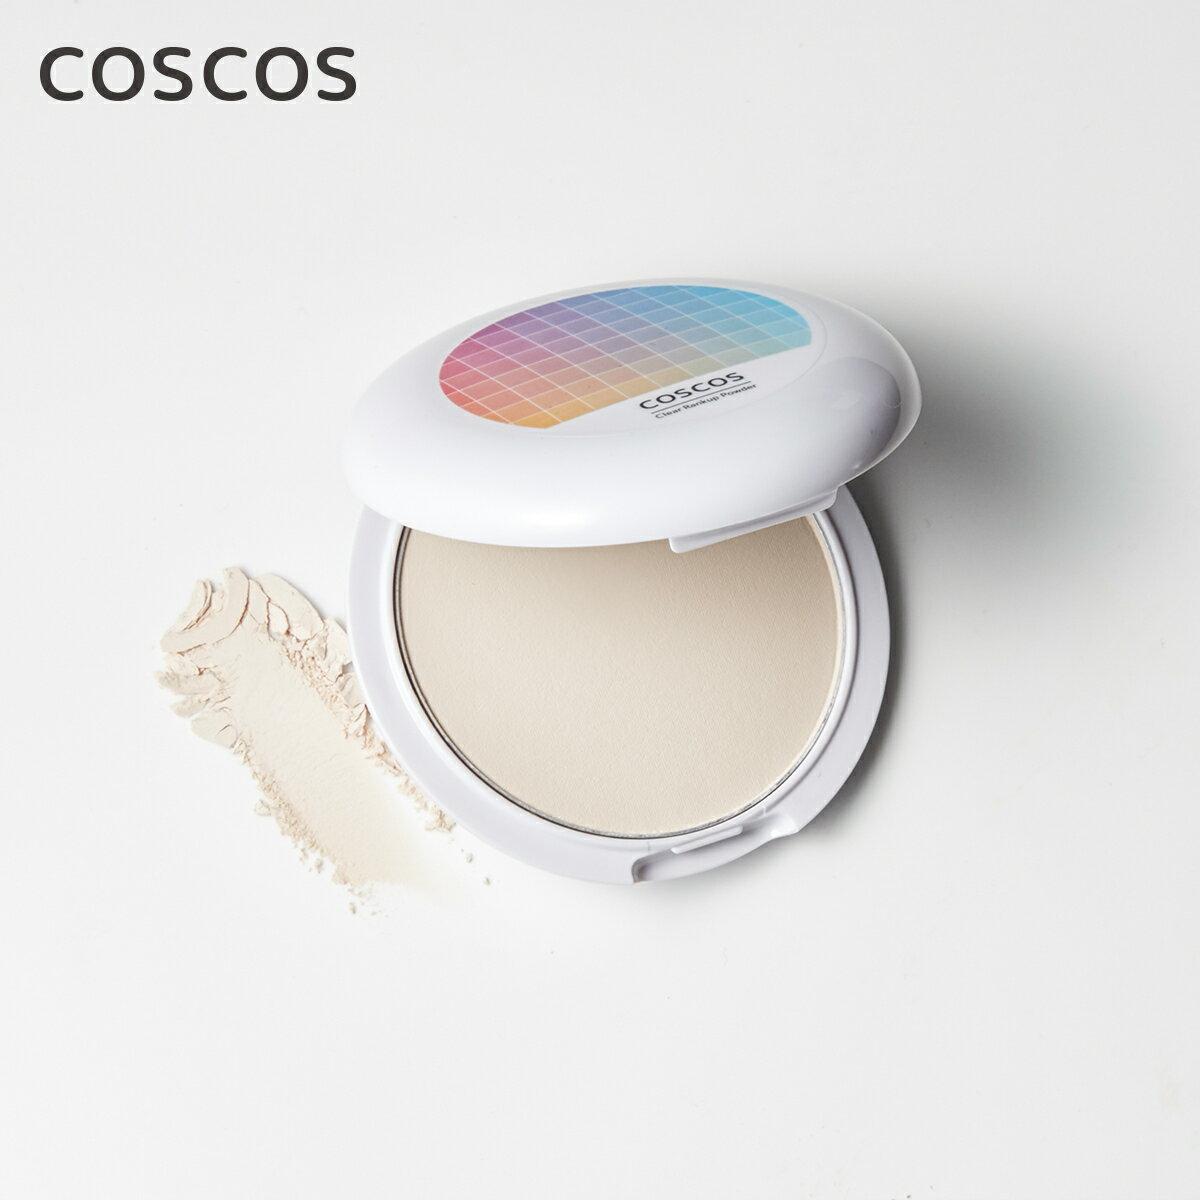 COSCOS クリアランクアップパウダー 毛穴レス 高カバー力 白 メイク崩れ 肌吸着パウダー 1日キープ 陶器肌 パウダー コスコス コスプレ こすこす